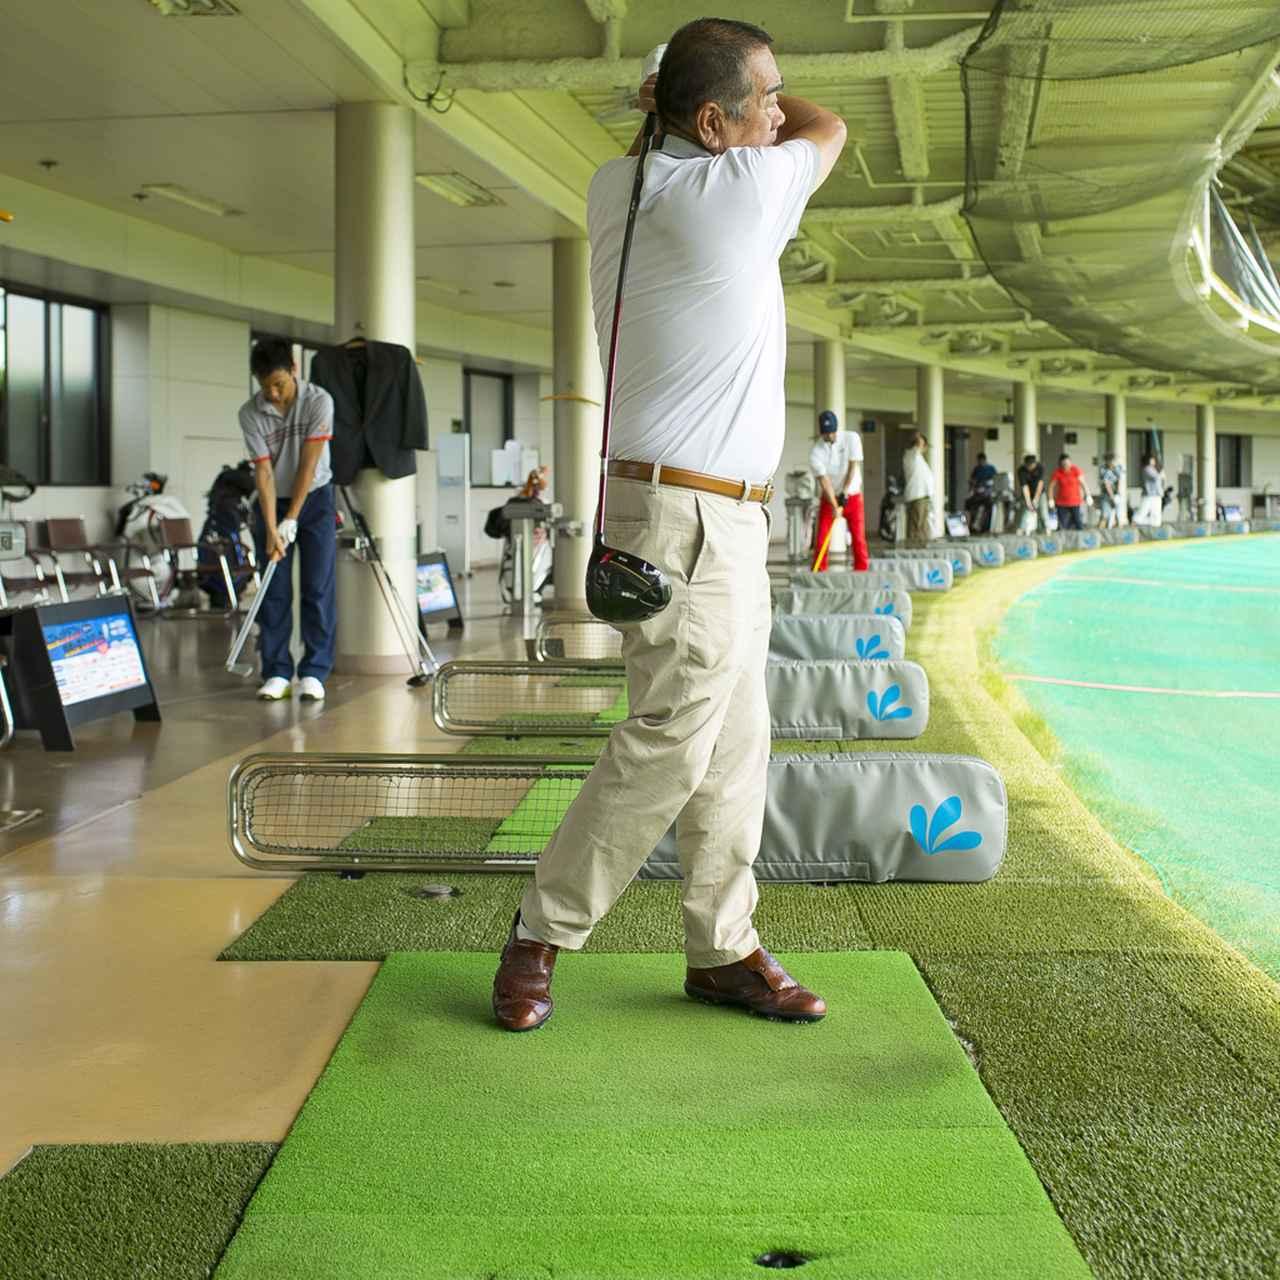 画像5: ベテランゴルファーだけあって、スウィングはまとまっているように見えるが…当たってもスライスするから、思い切って振れないという平瀬さん